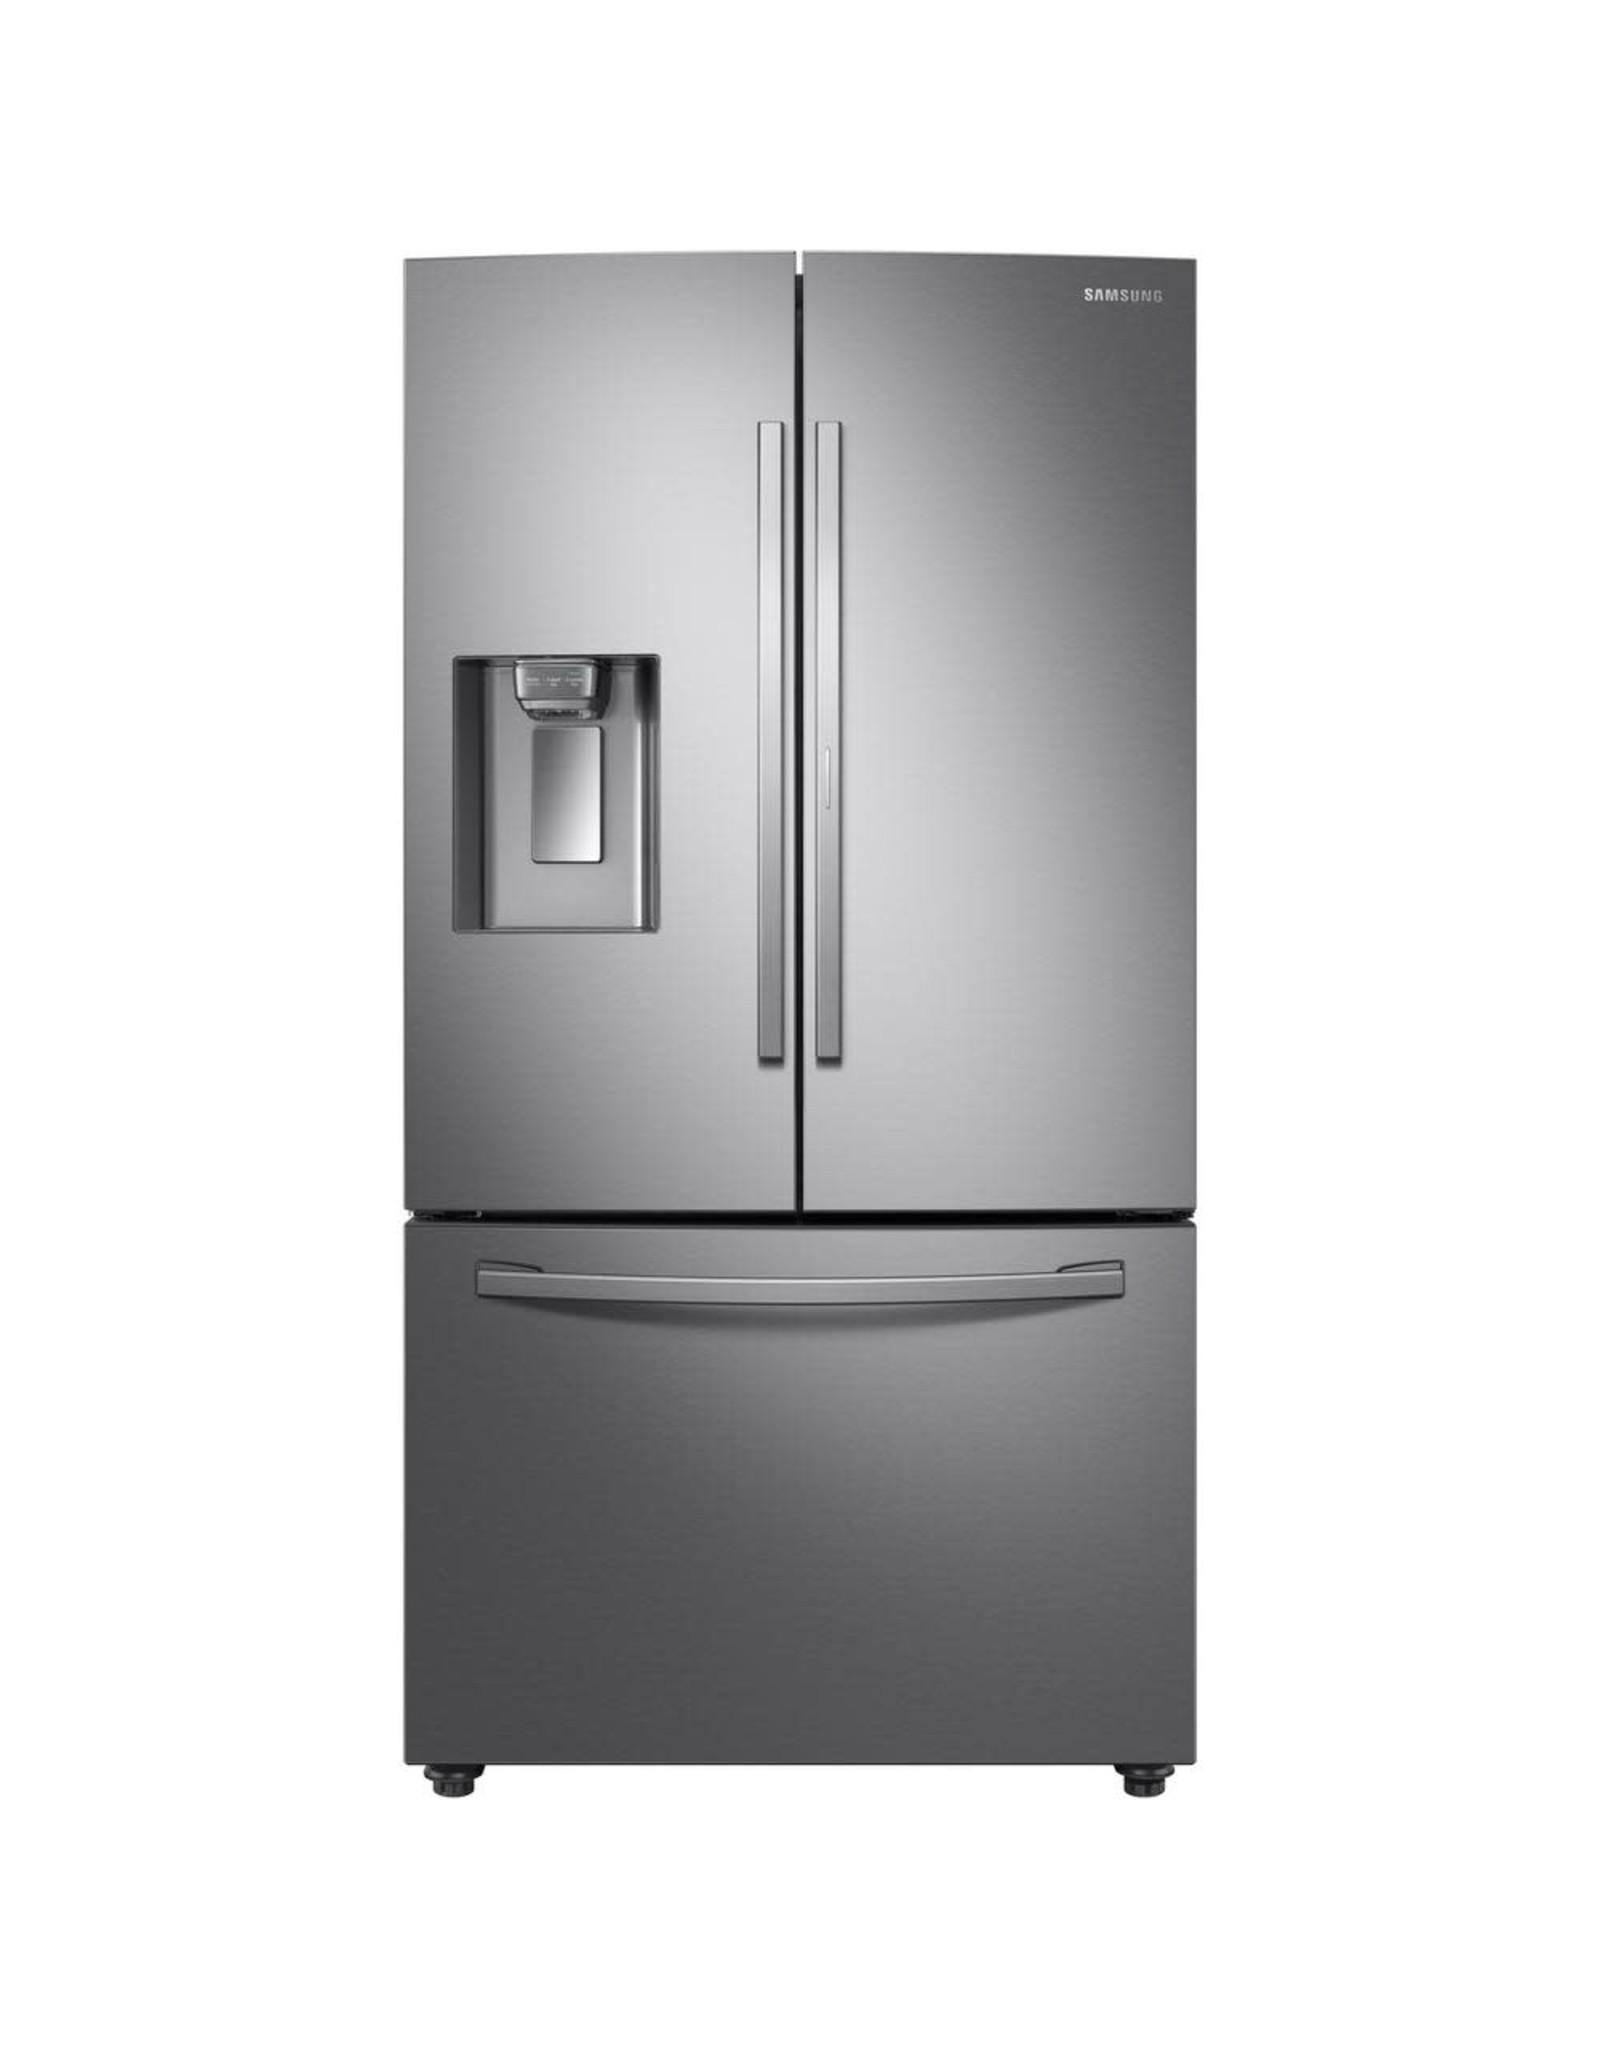 SAMSUNG RF28R6201SR Samsung 28 cu. ft. 3-Door French Door Refrigerator in Stainless Steel with Food Showcase Door